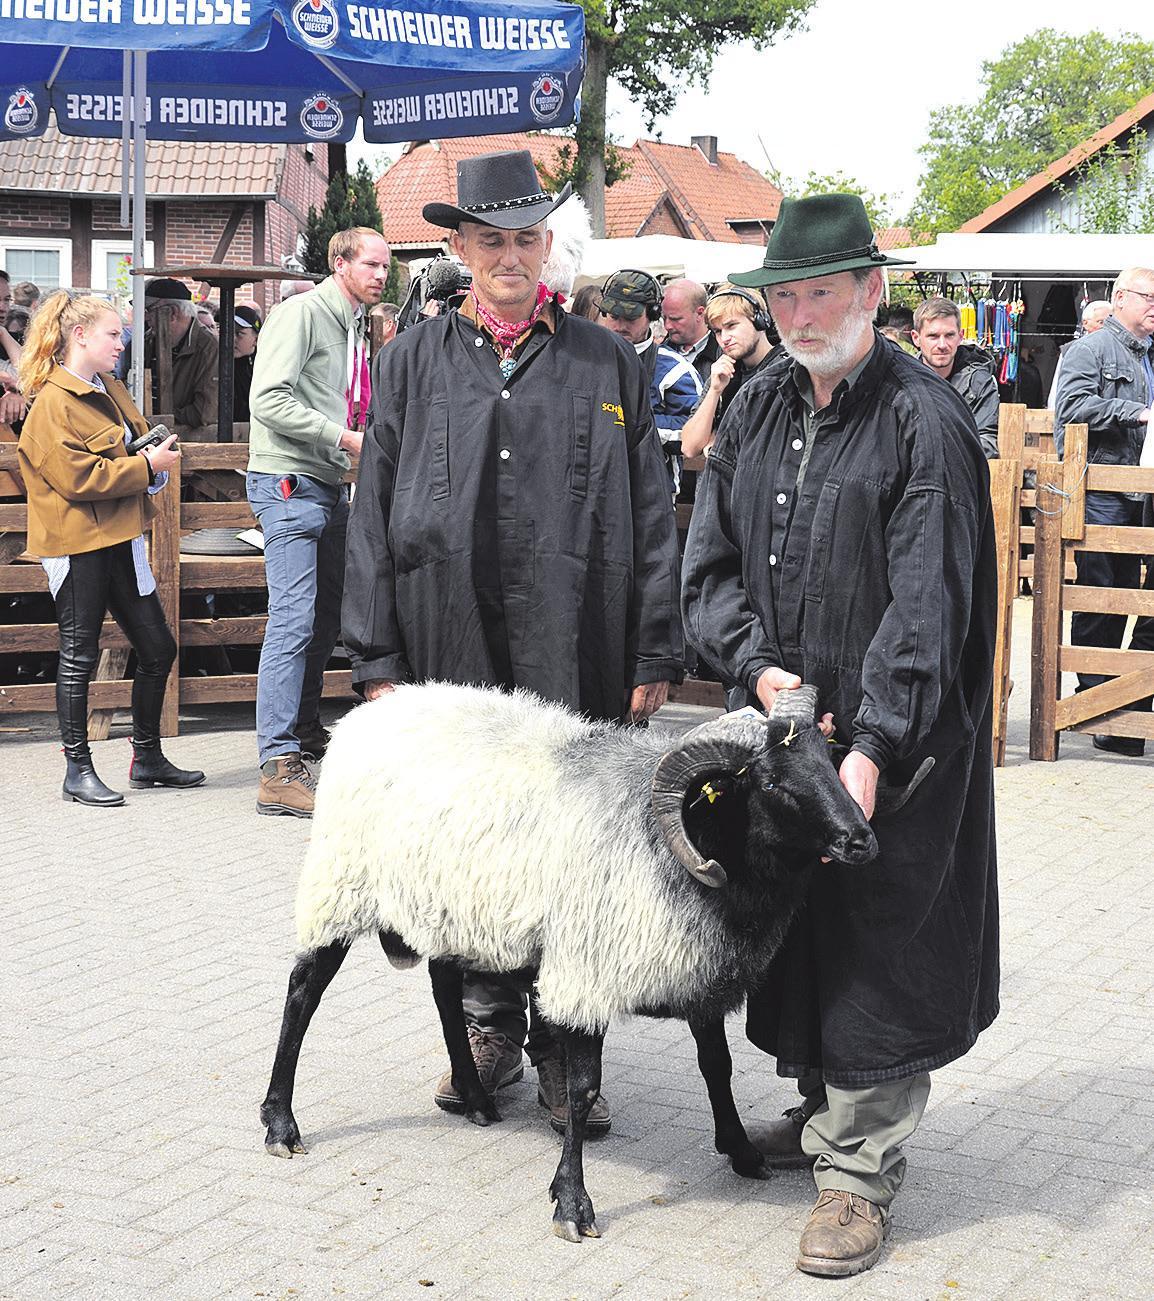 Der zum schönsten Bock gekürte Mister Müden 2019 kommt vom Verein Schäferhof aus Neuenkirchen. Foto: Alexiou